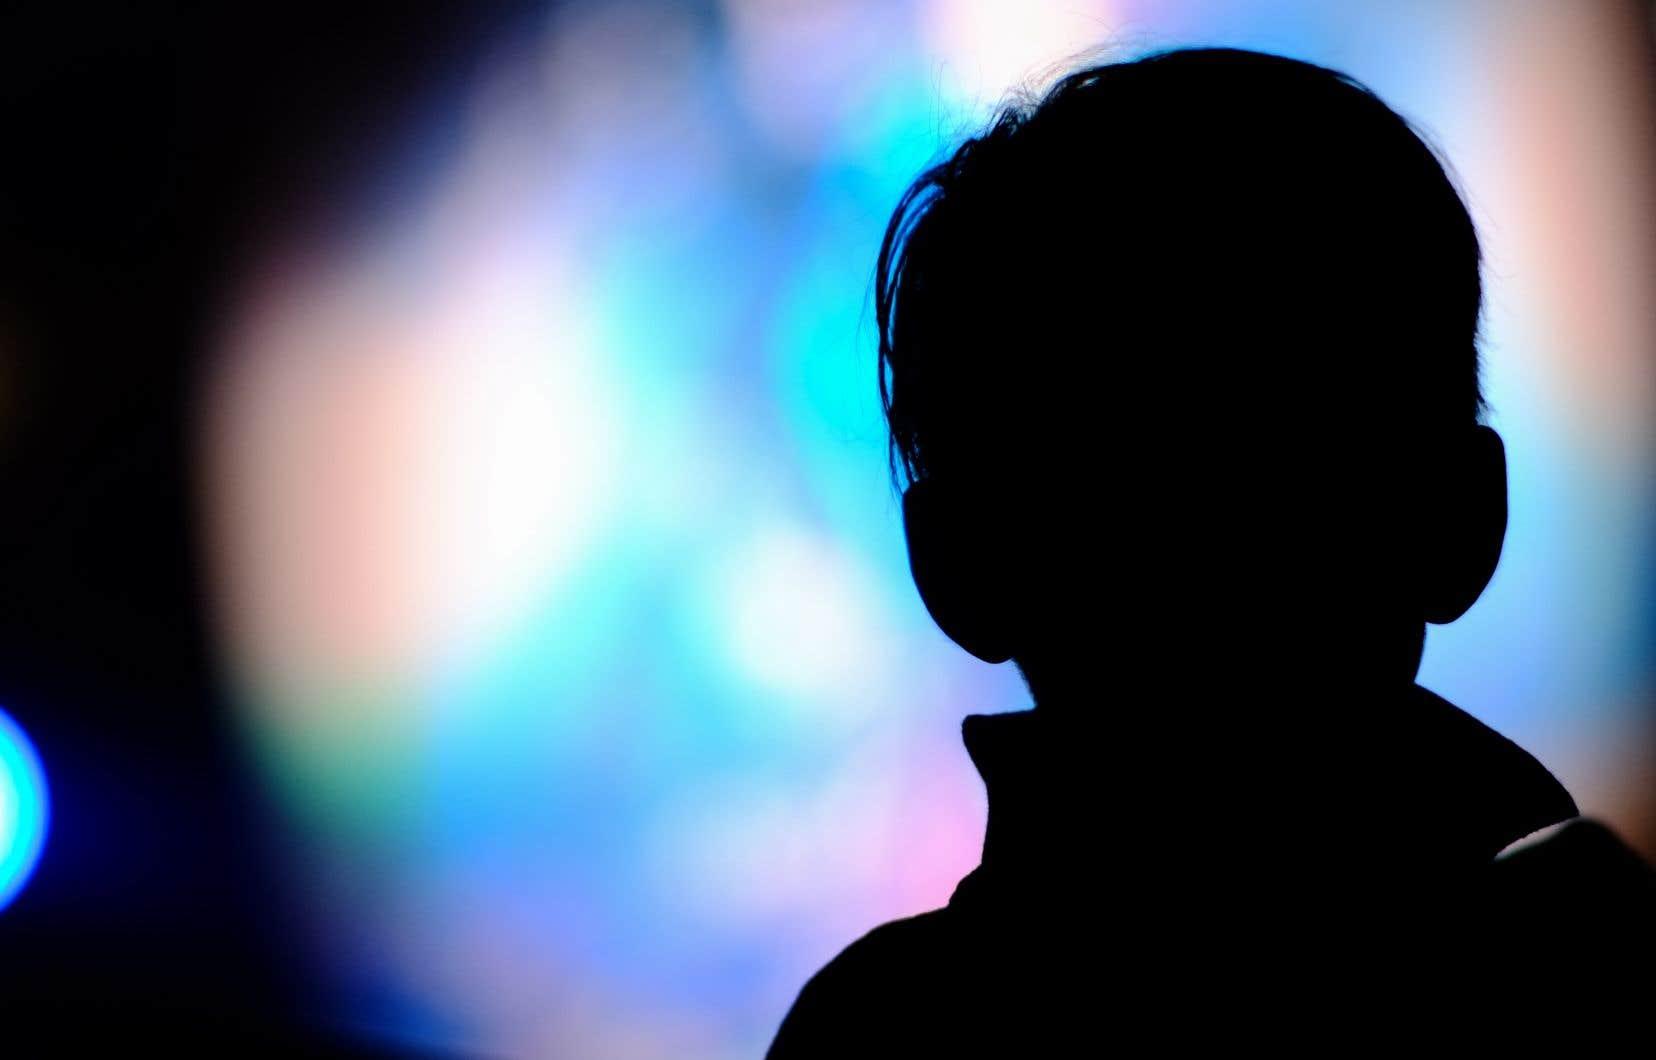 Selon plus d'un parent sur deux (56%), l'état psychologique et émotionnel de leur enfant s'est détérioré depuis le début de la pandémie.